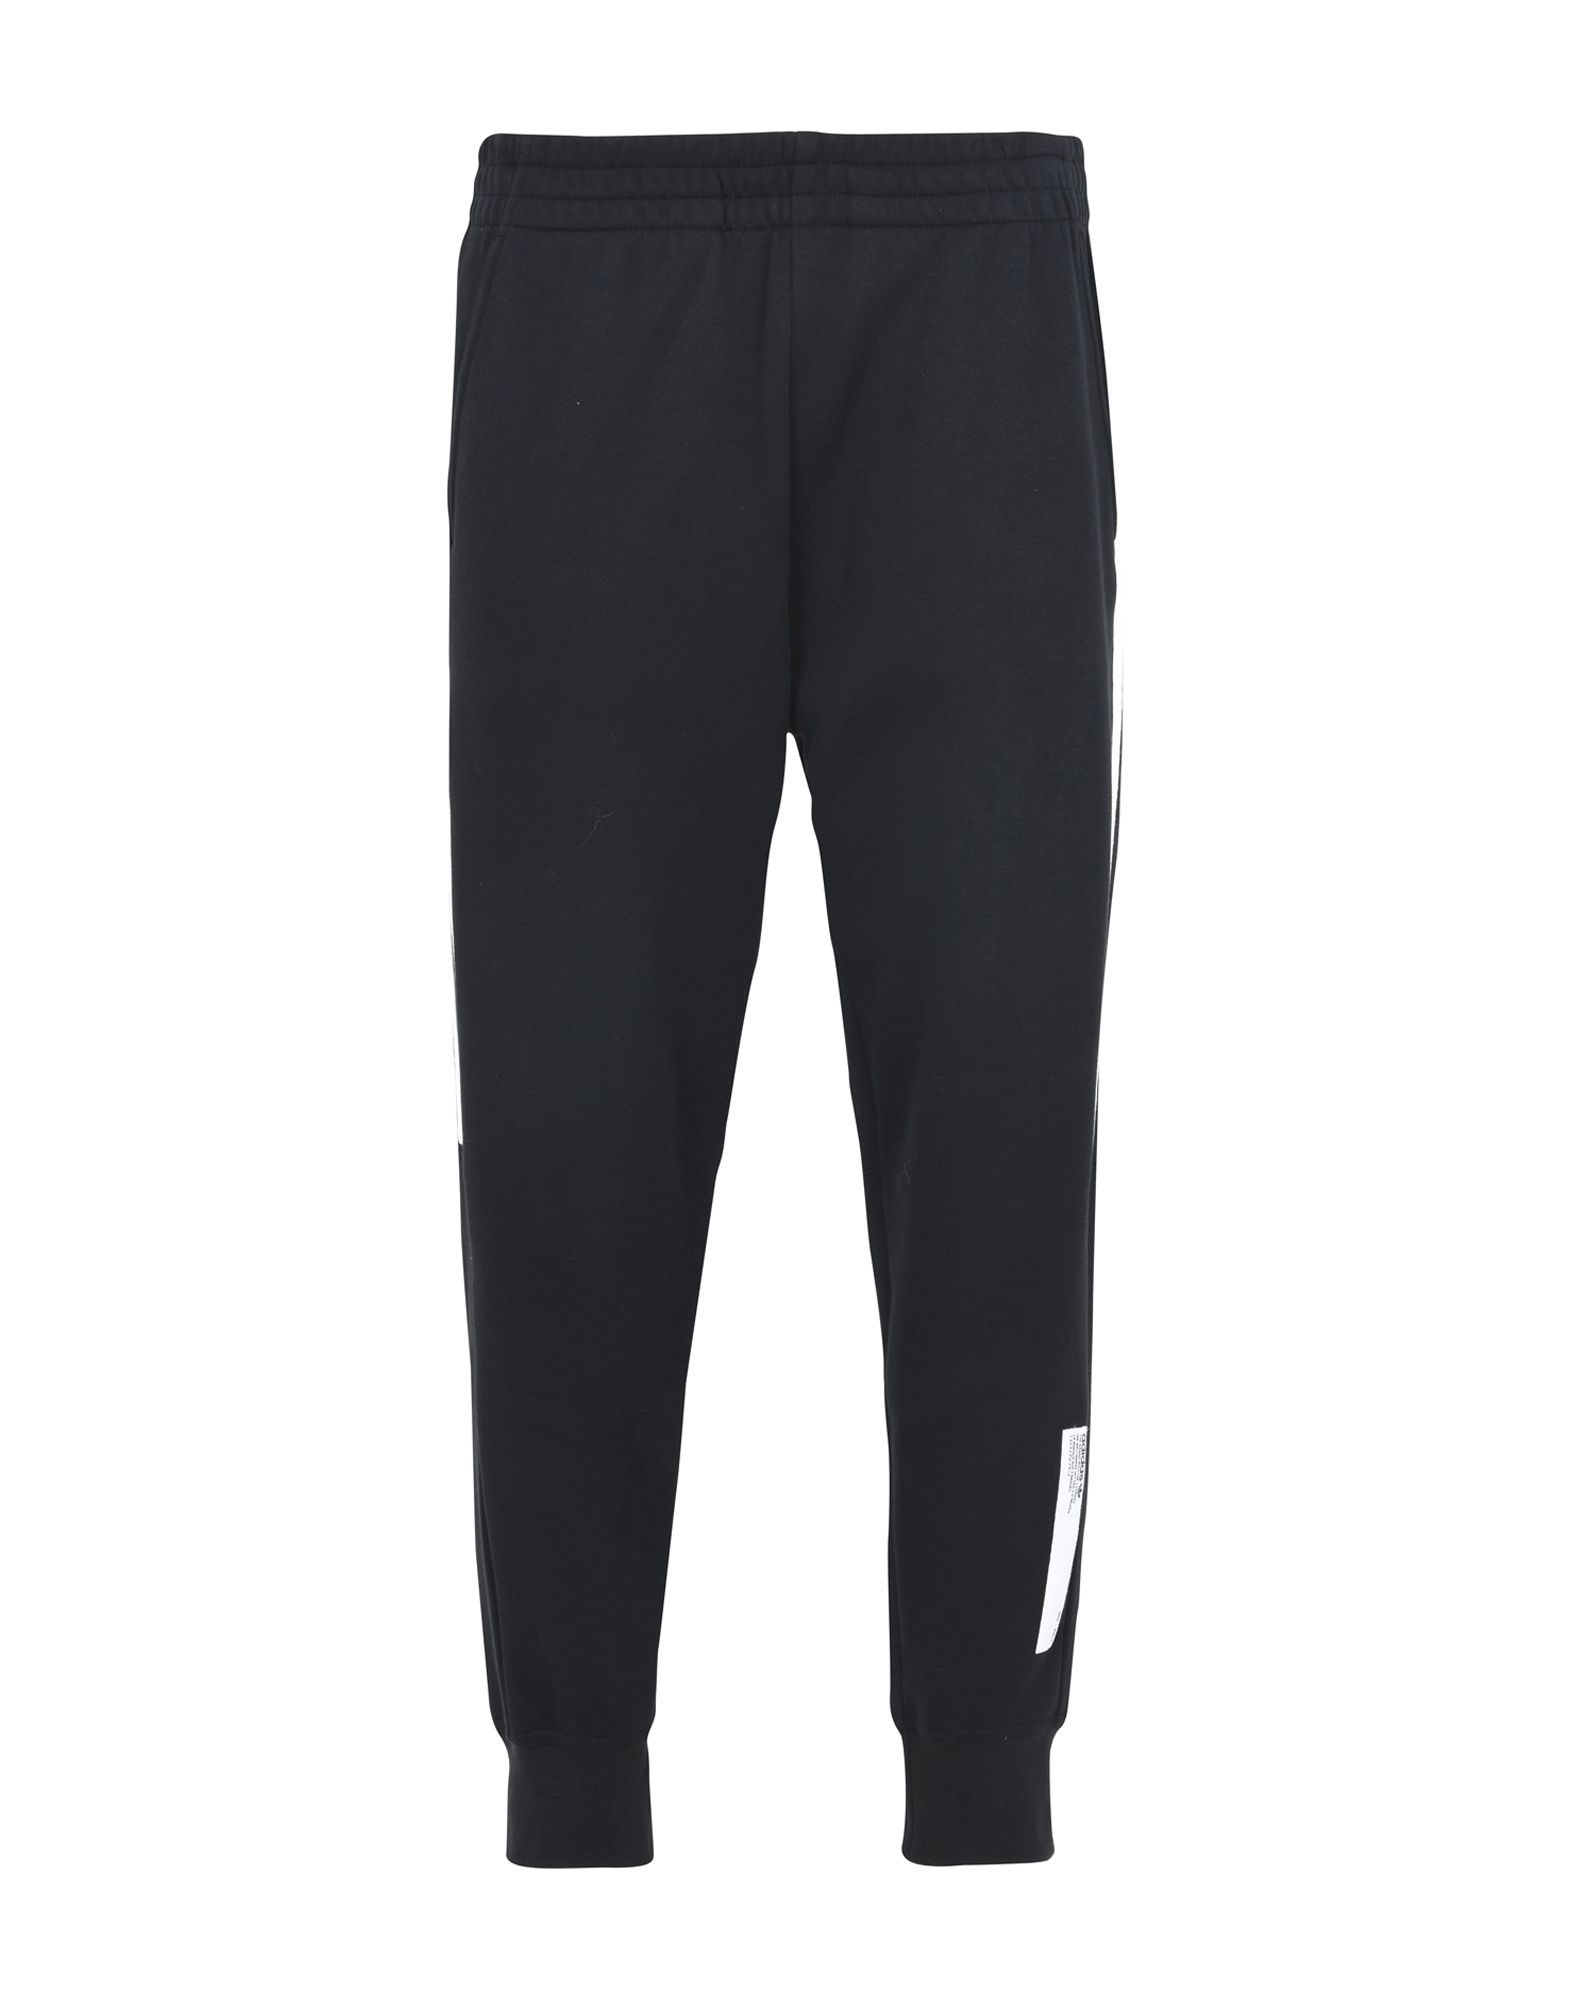 ADIDAS ORIGINALS Повседневные брюки adidas originals nmd runner white core black